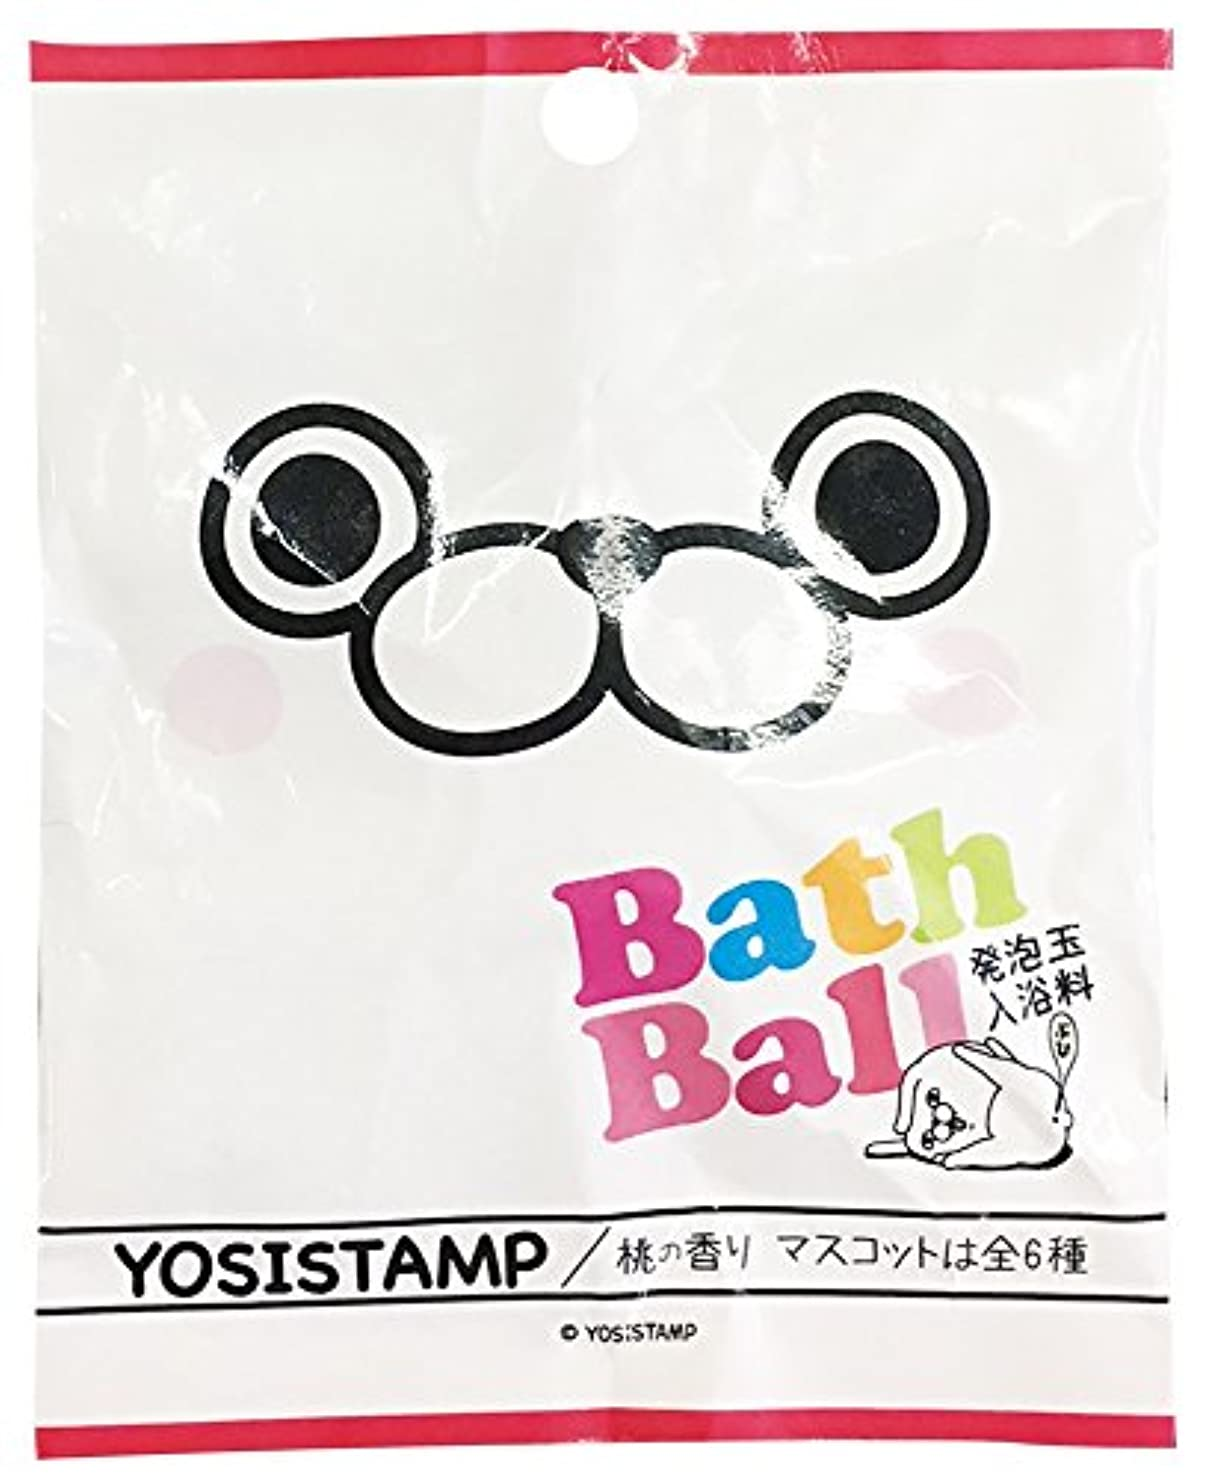 ヨッシースタンプ 入浴剤 バスボール おまけ付き 桃の香り ABD-004-001